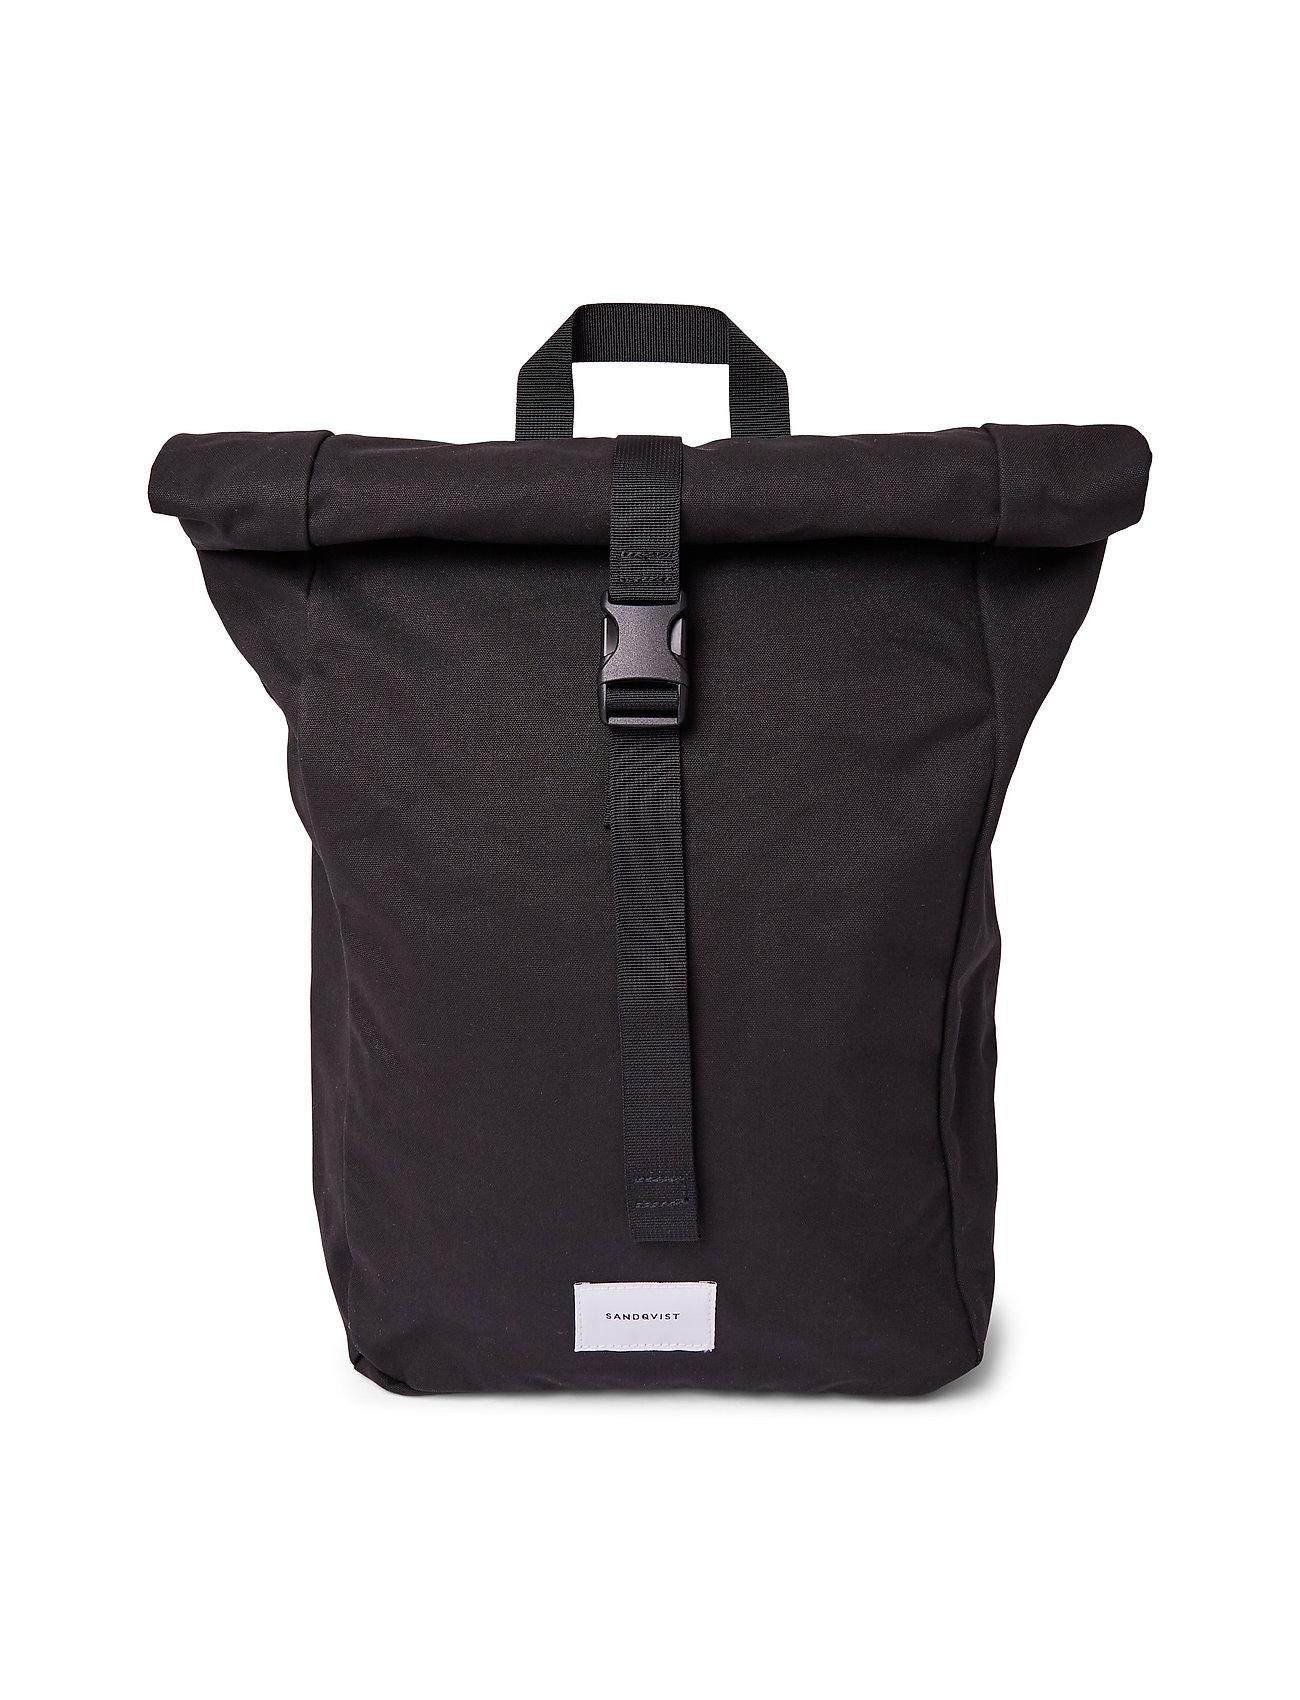 SANDQVIST - KAJ - bags - black with black webbing - 0